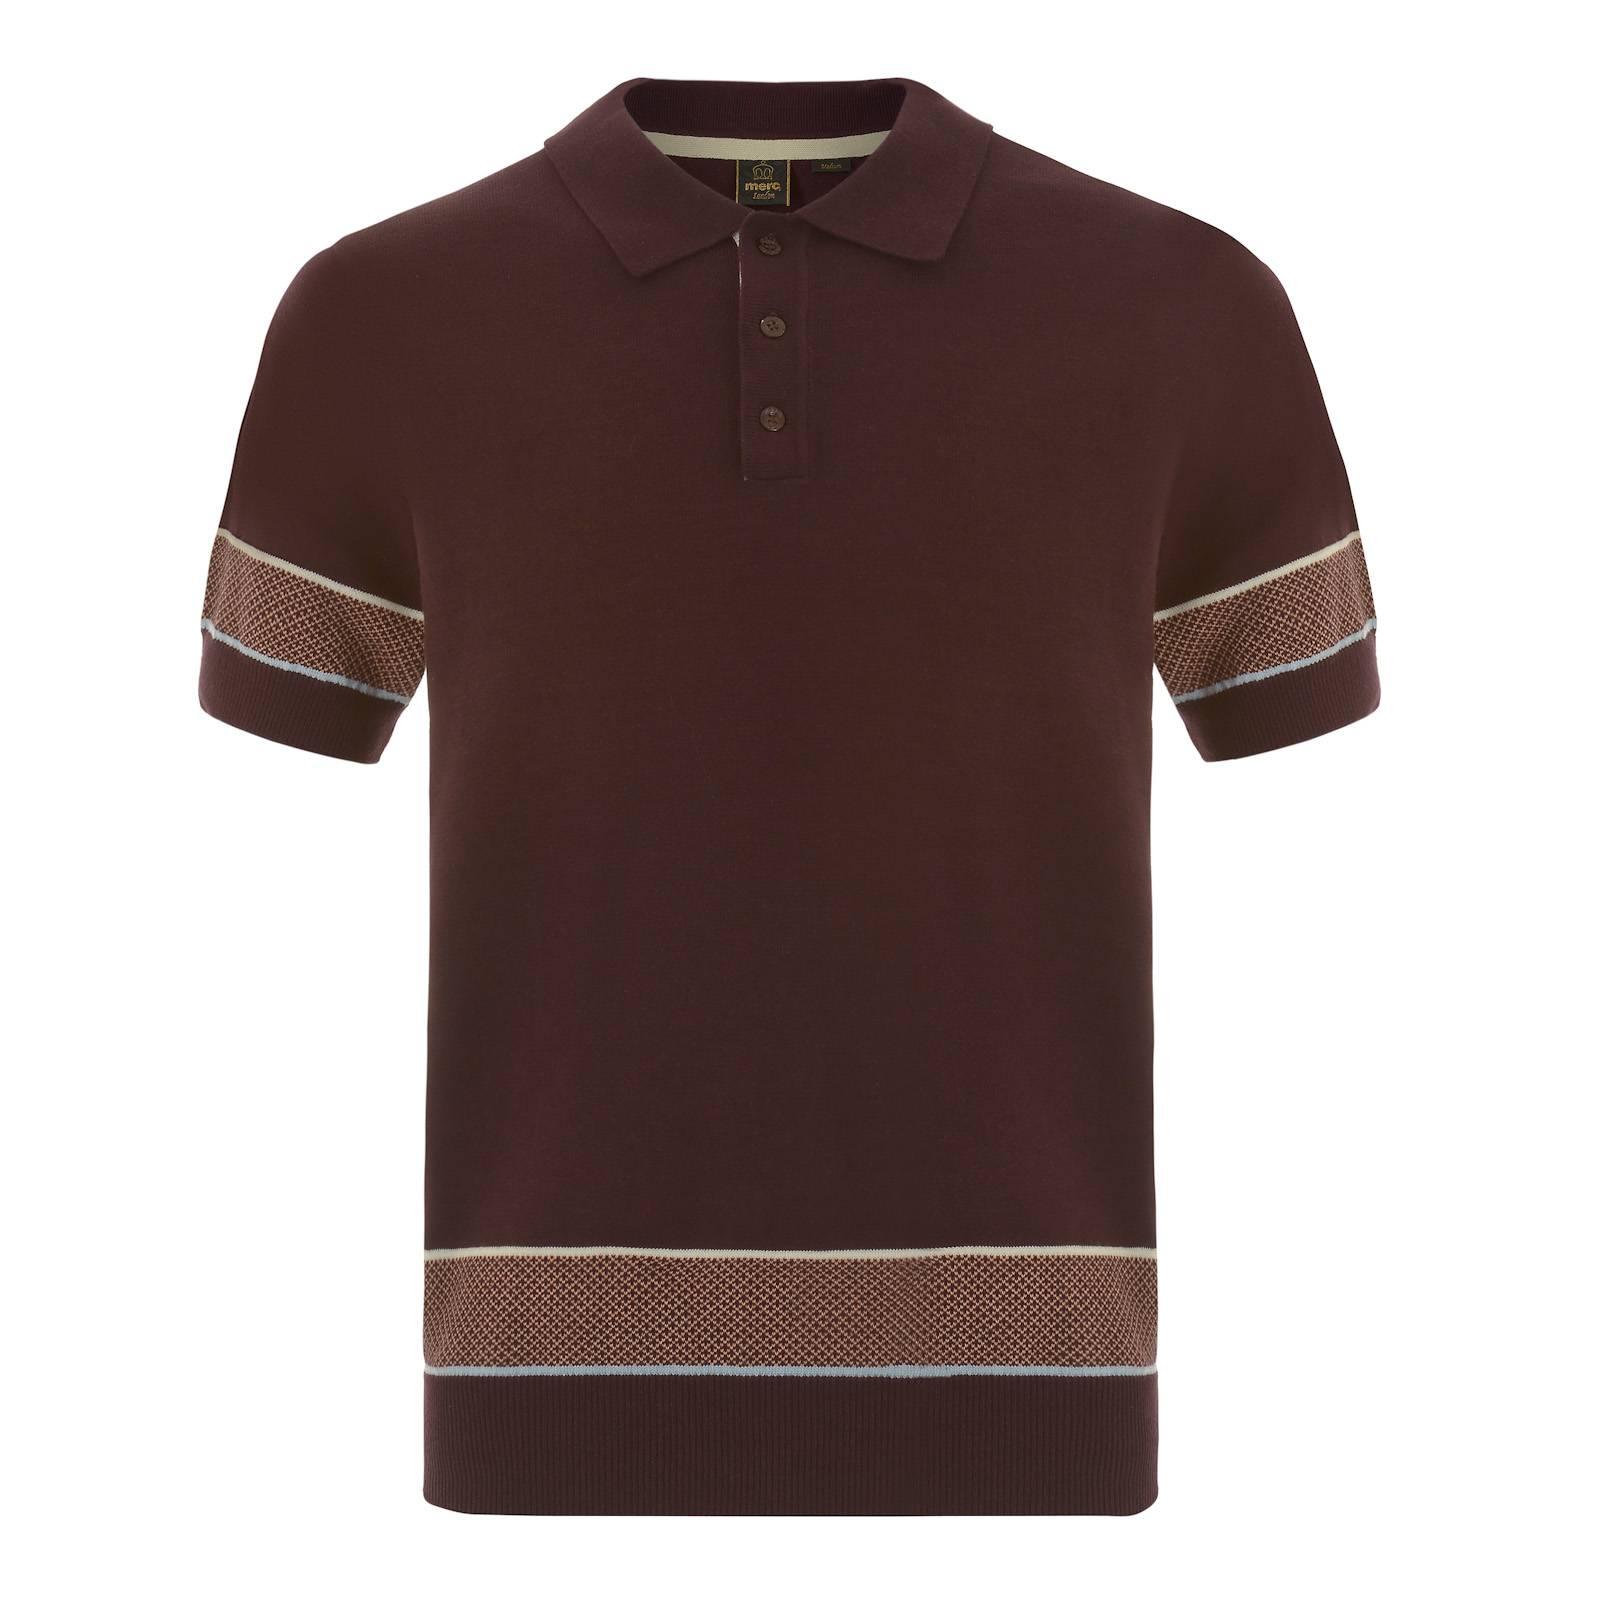 Рубашка Поло JunoПоло<br><br><br>Артикул: 1615103<br>Материал: 100% хлопок<br>Цвет: ивово-коричневый<br>Пол: Мужской